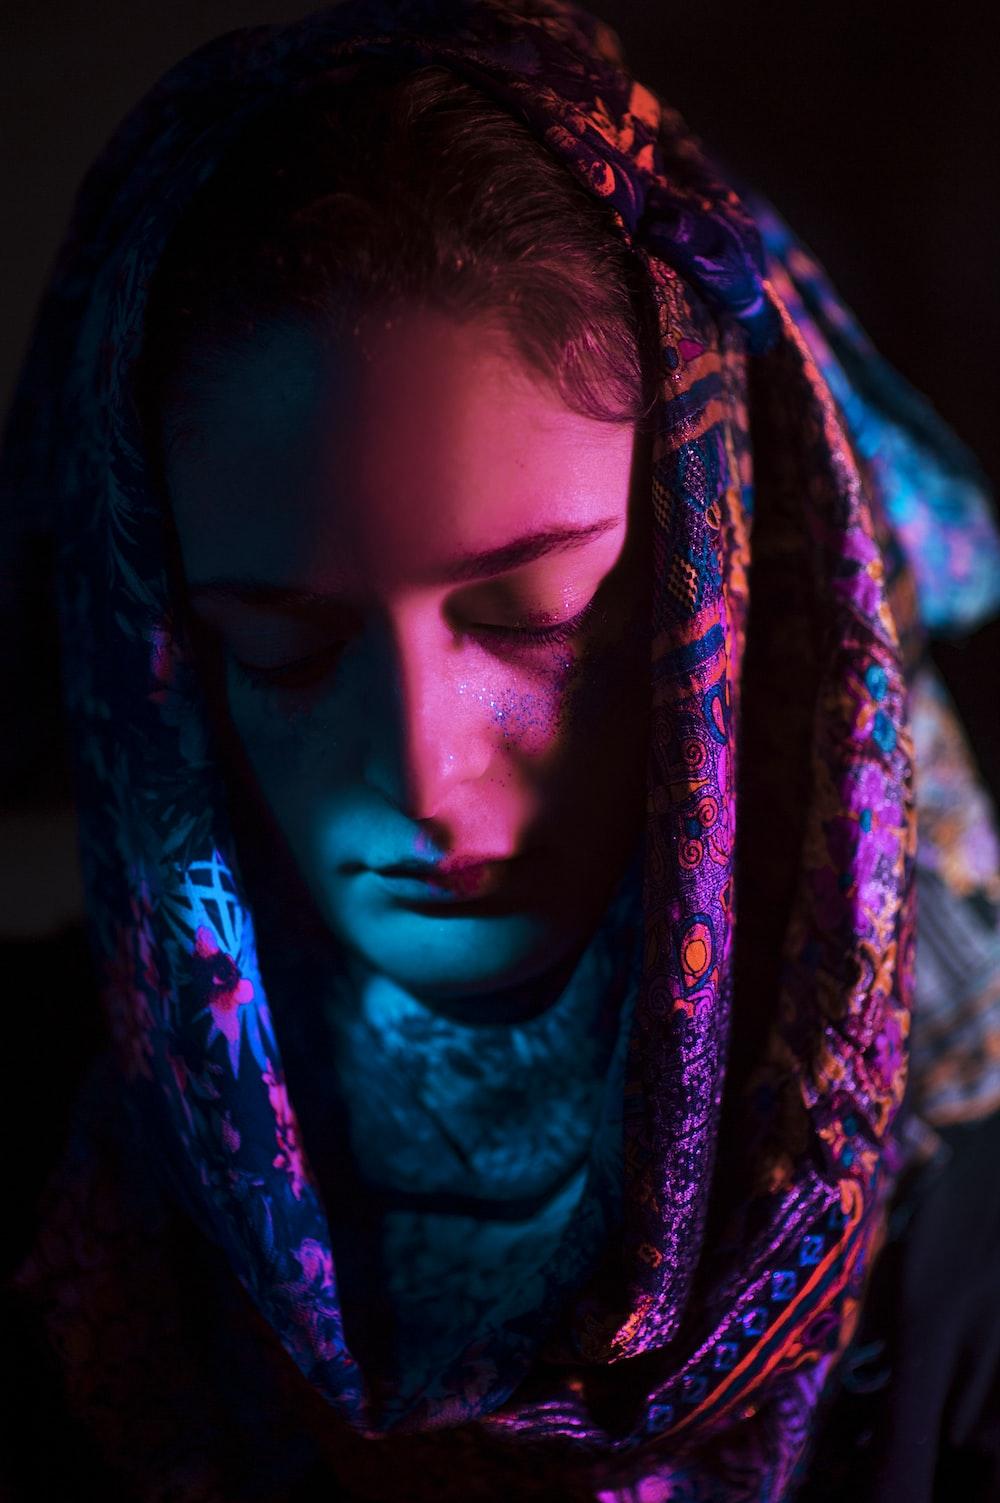 woman wearing hijab headscarf